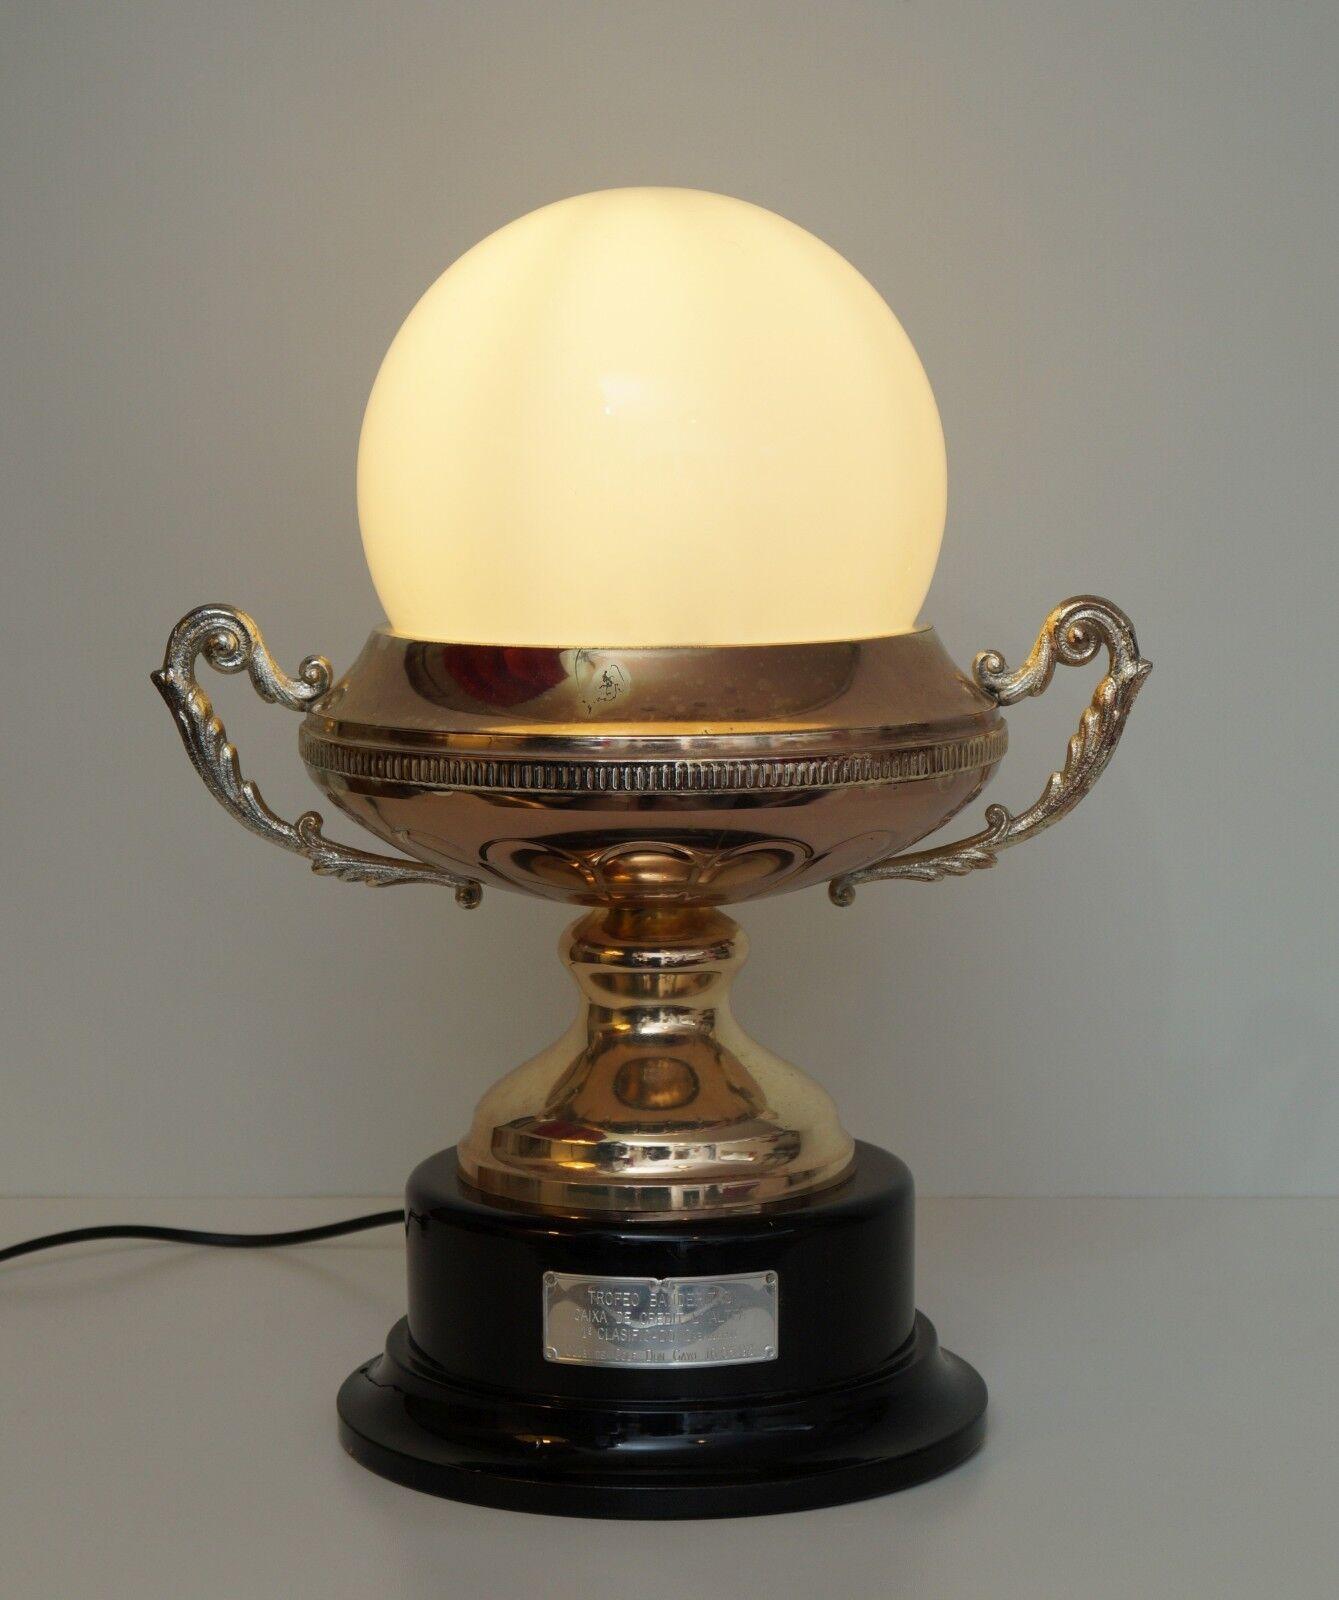 Garant. Pièce nouveau unique art nouveau Pièce design lampe de table